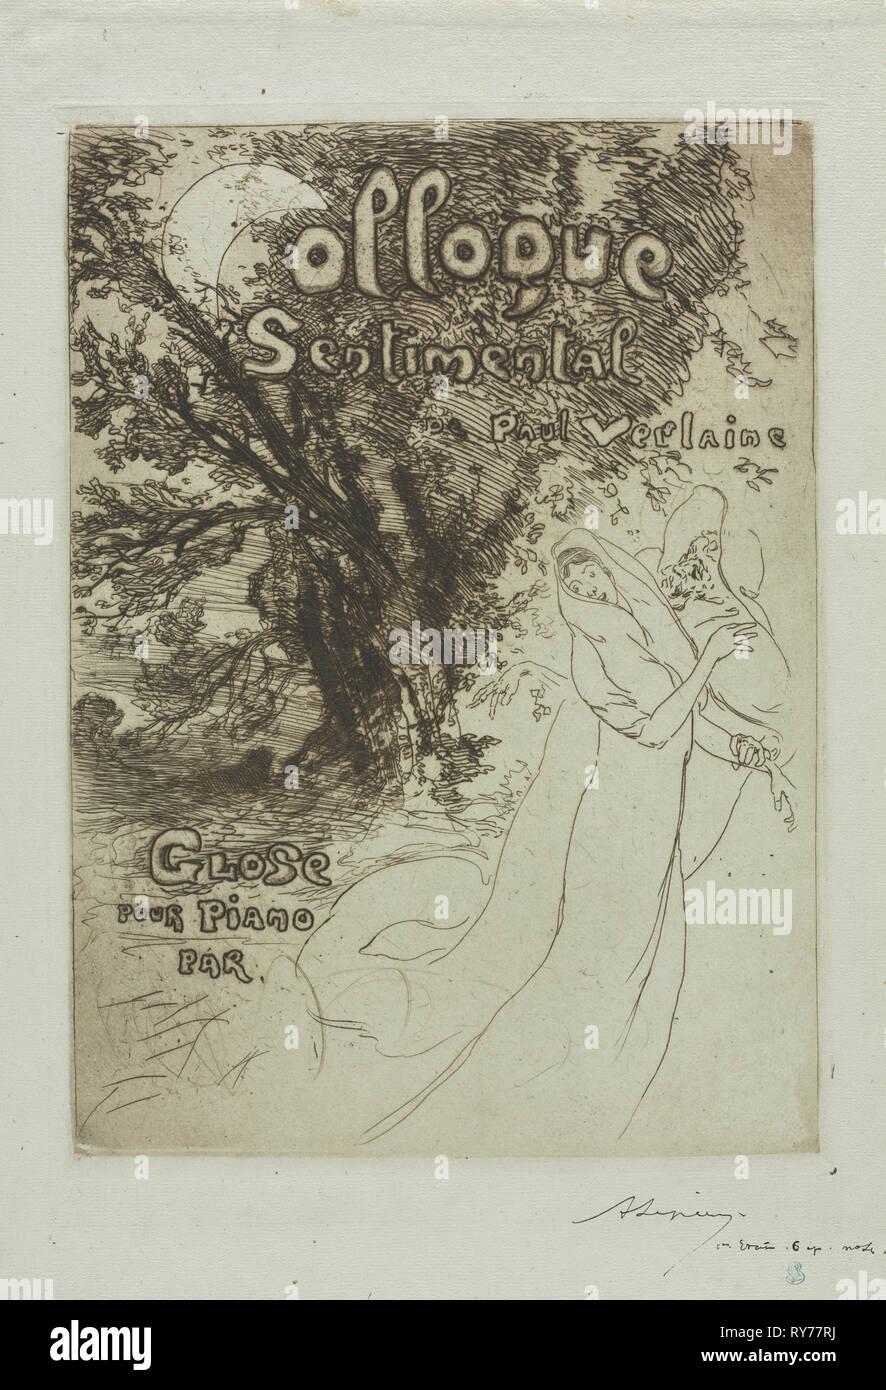 Coloquio sentimental de Paul Verlaine , 1897. Auguste Louis Lepère (Francés, 1849-1918). Aguafuerte y aguatinta; Hoja: 43 x 26 cm (16 15/16 x 10 1/4 pulg.); imagen: 29,9 x 21,7 cm (11 3/4 x 8 9/16 pulg. Foto de stock